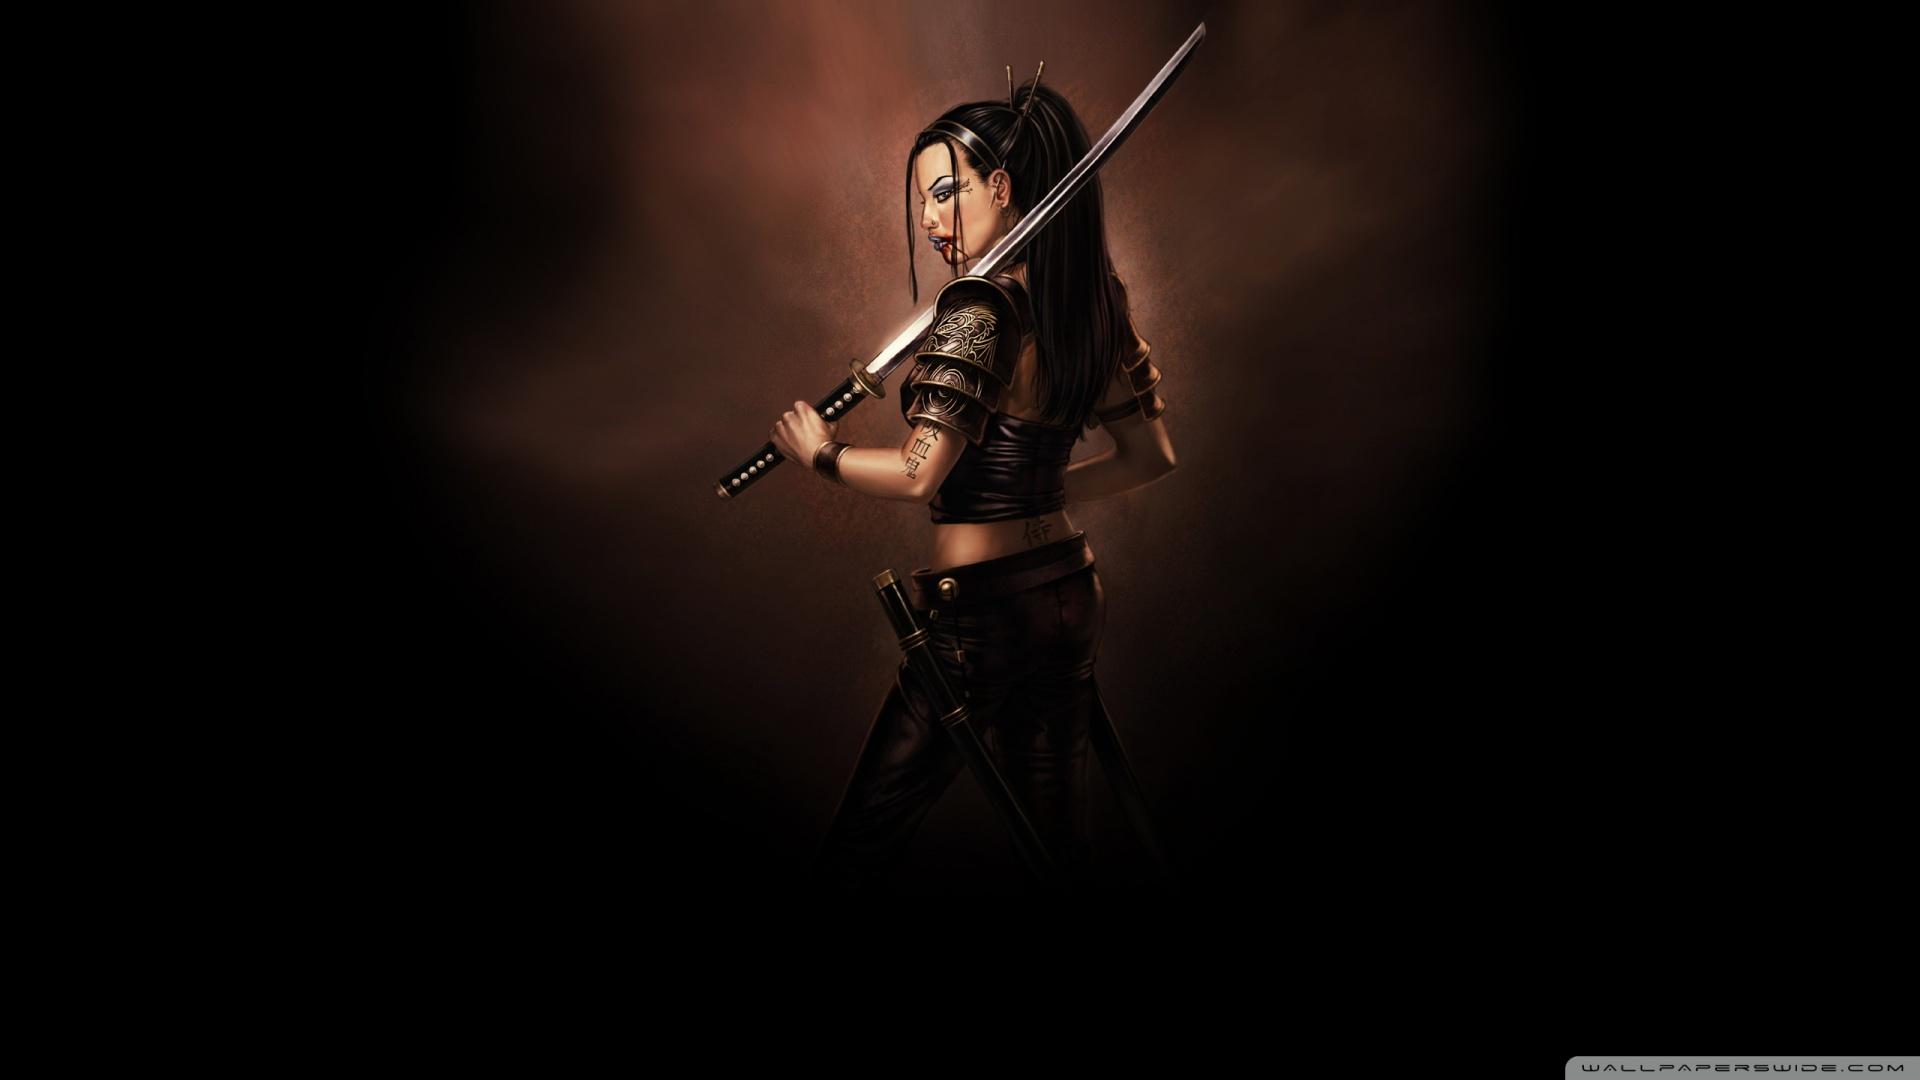 Free Download Samurai Sword Wallpaper 1920x1080 Samurai